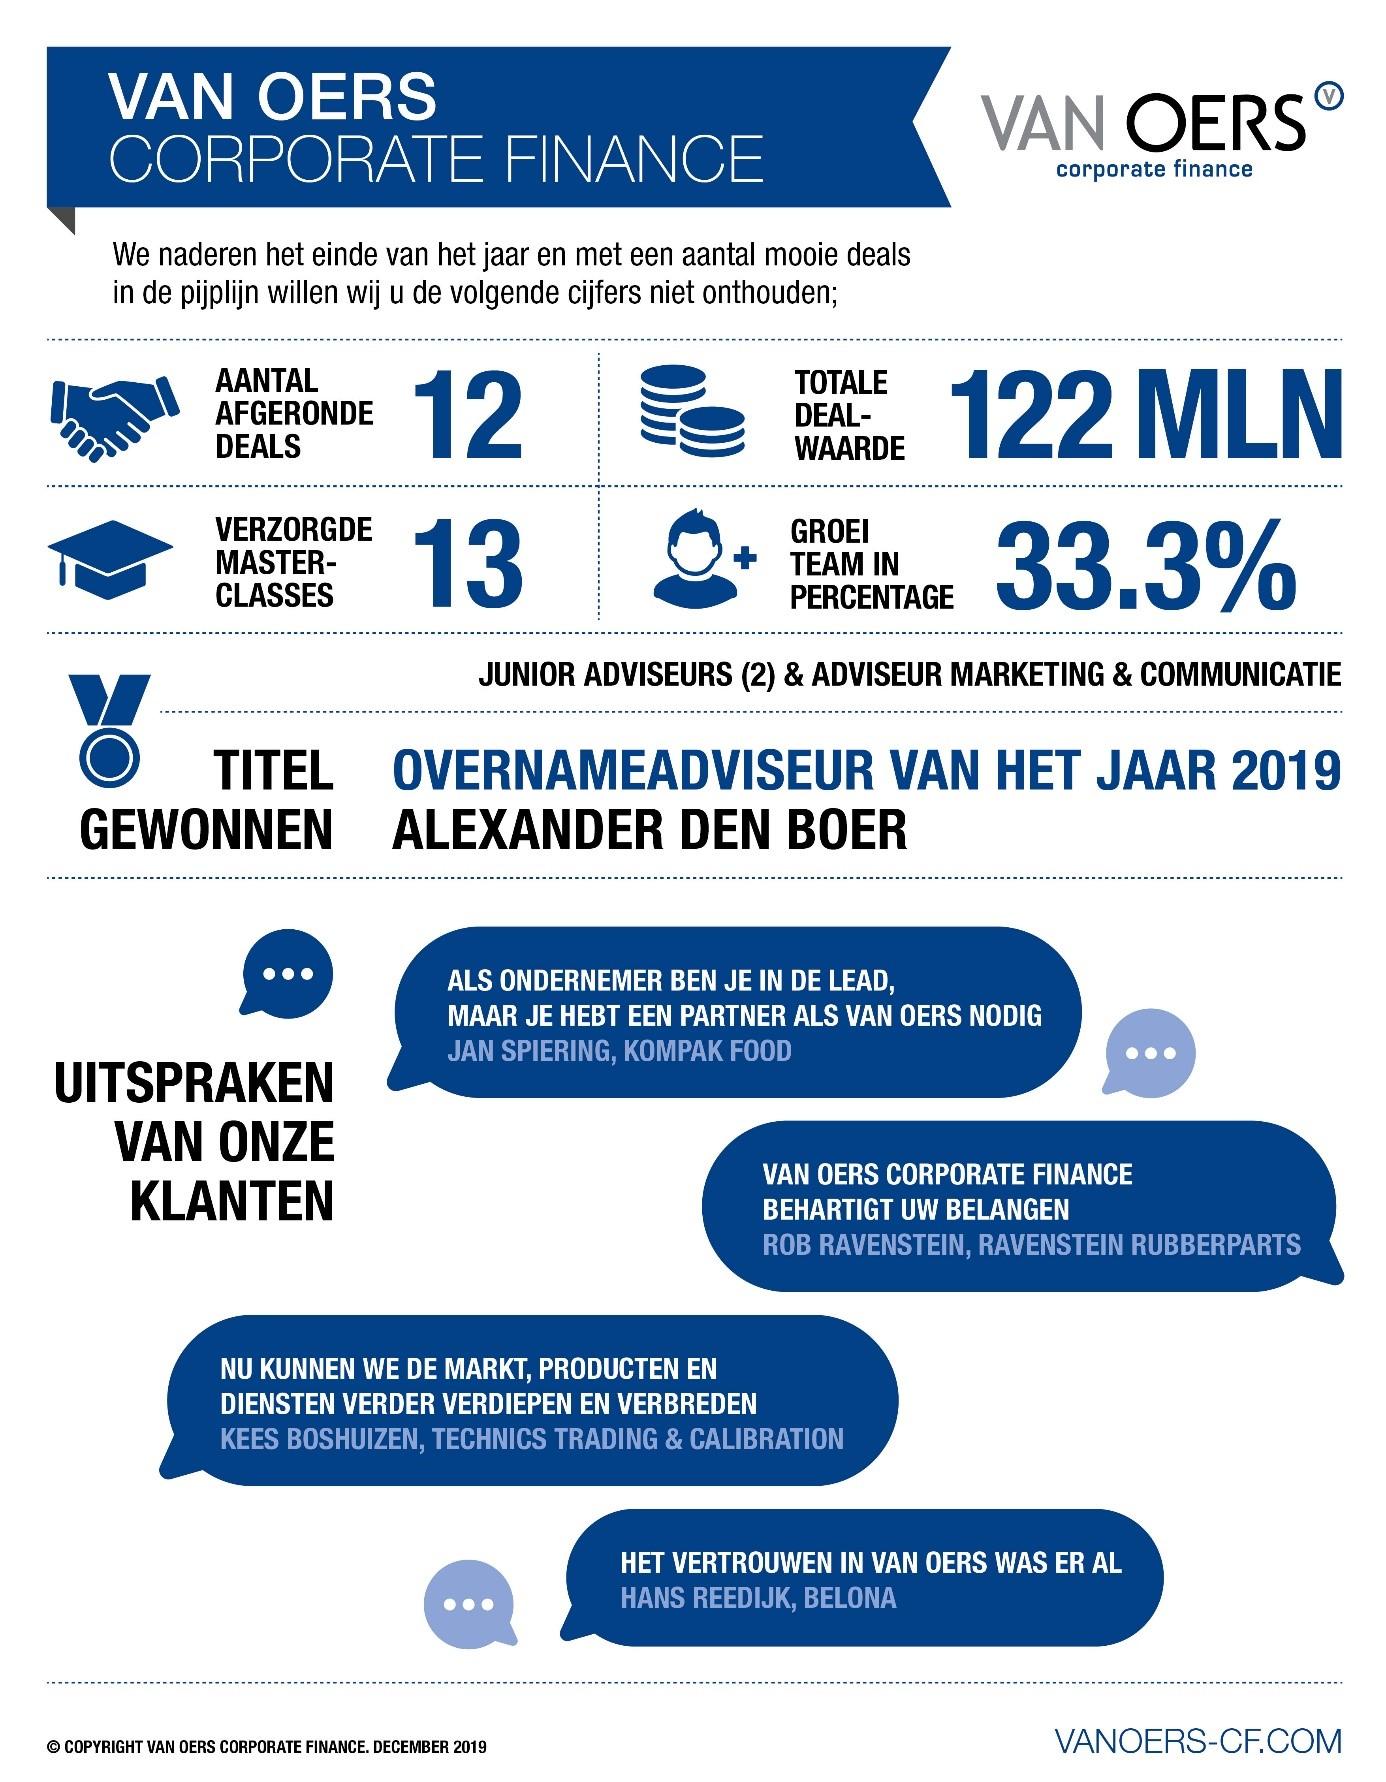 Van Oers Corporate Finance blikt terug op 2019